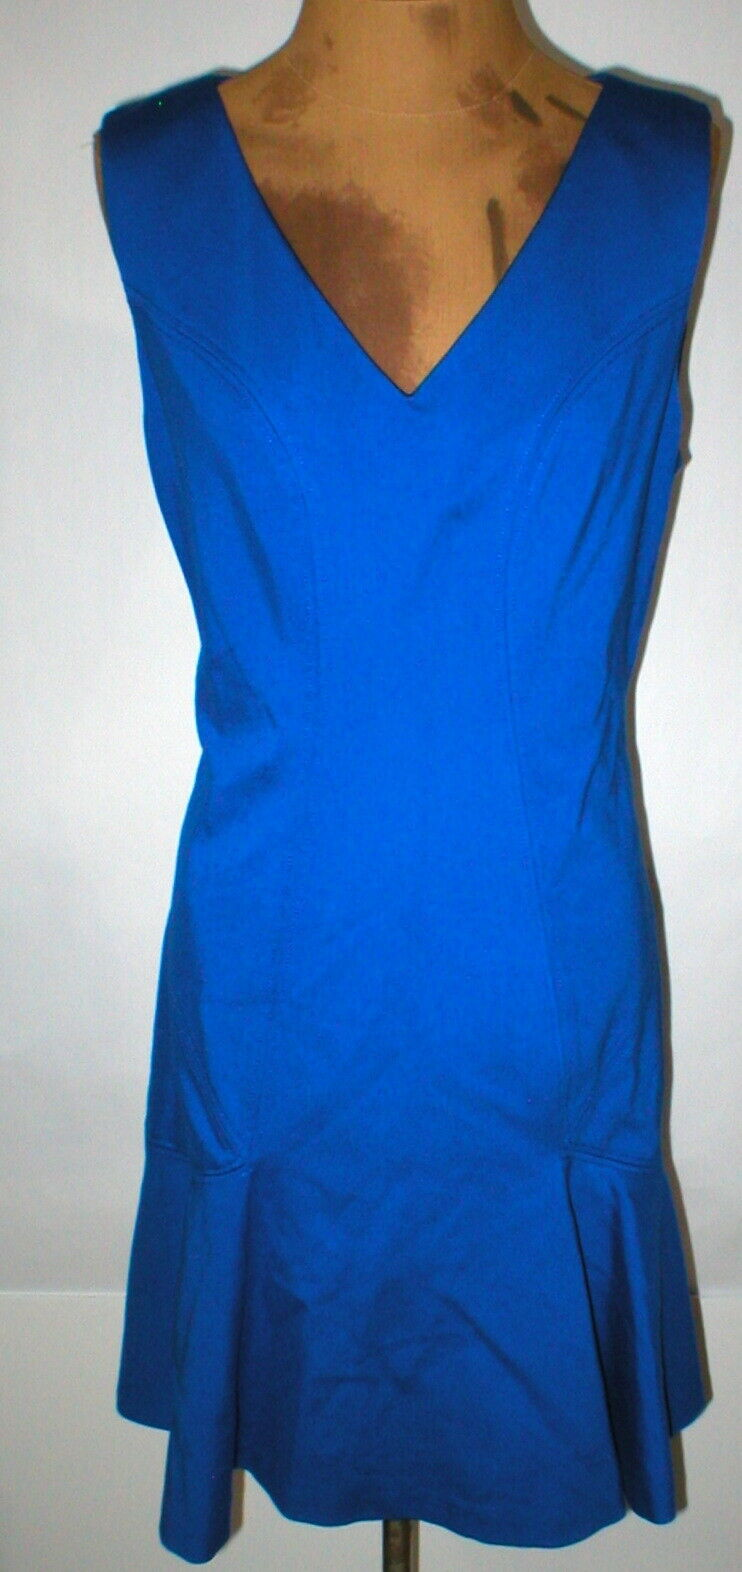 ny kvinnor 12 NWT Designer Klä billa Diane von Furstenberg blå stjärna Sapphire